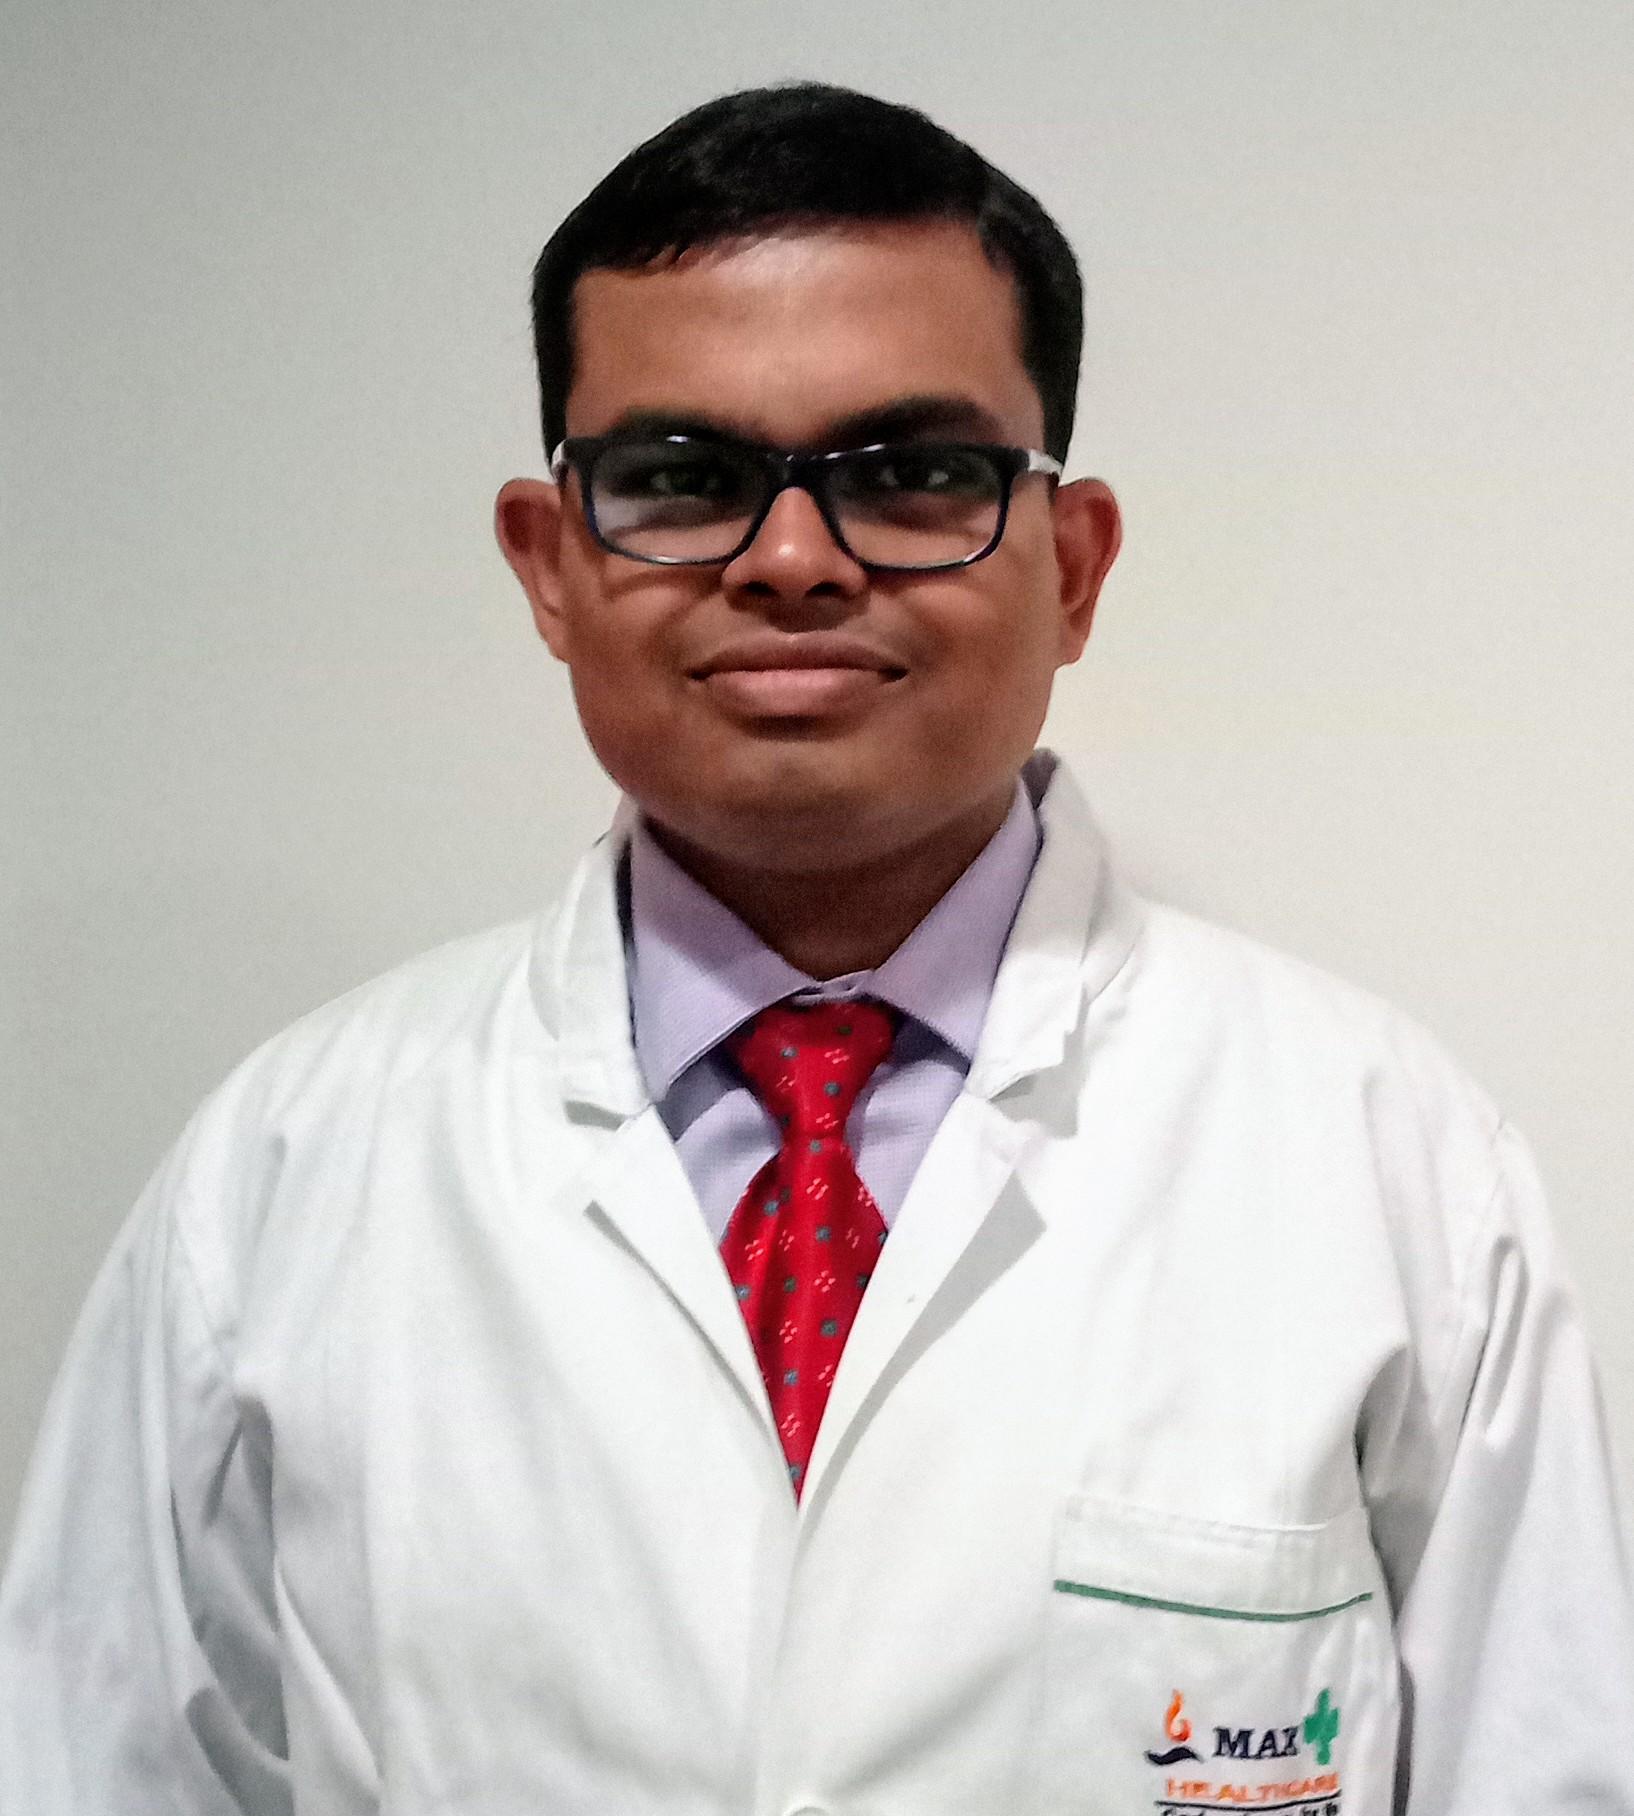 prilosec vs prevacid for ulcers